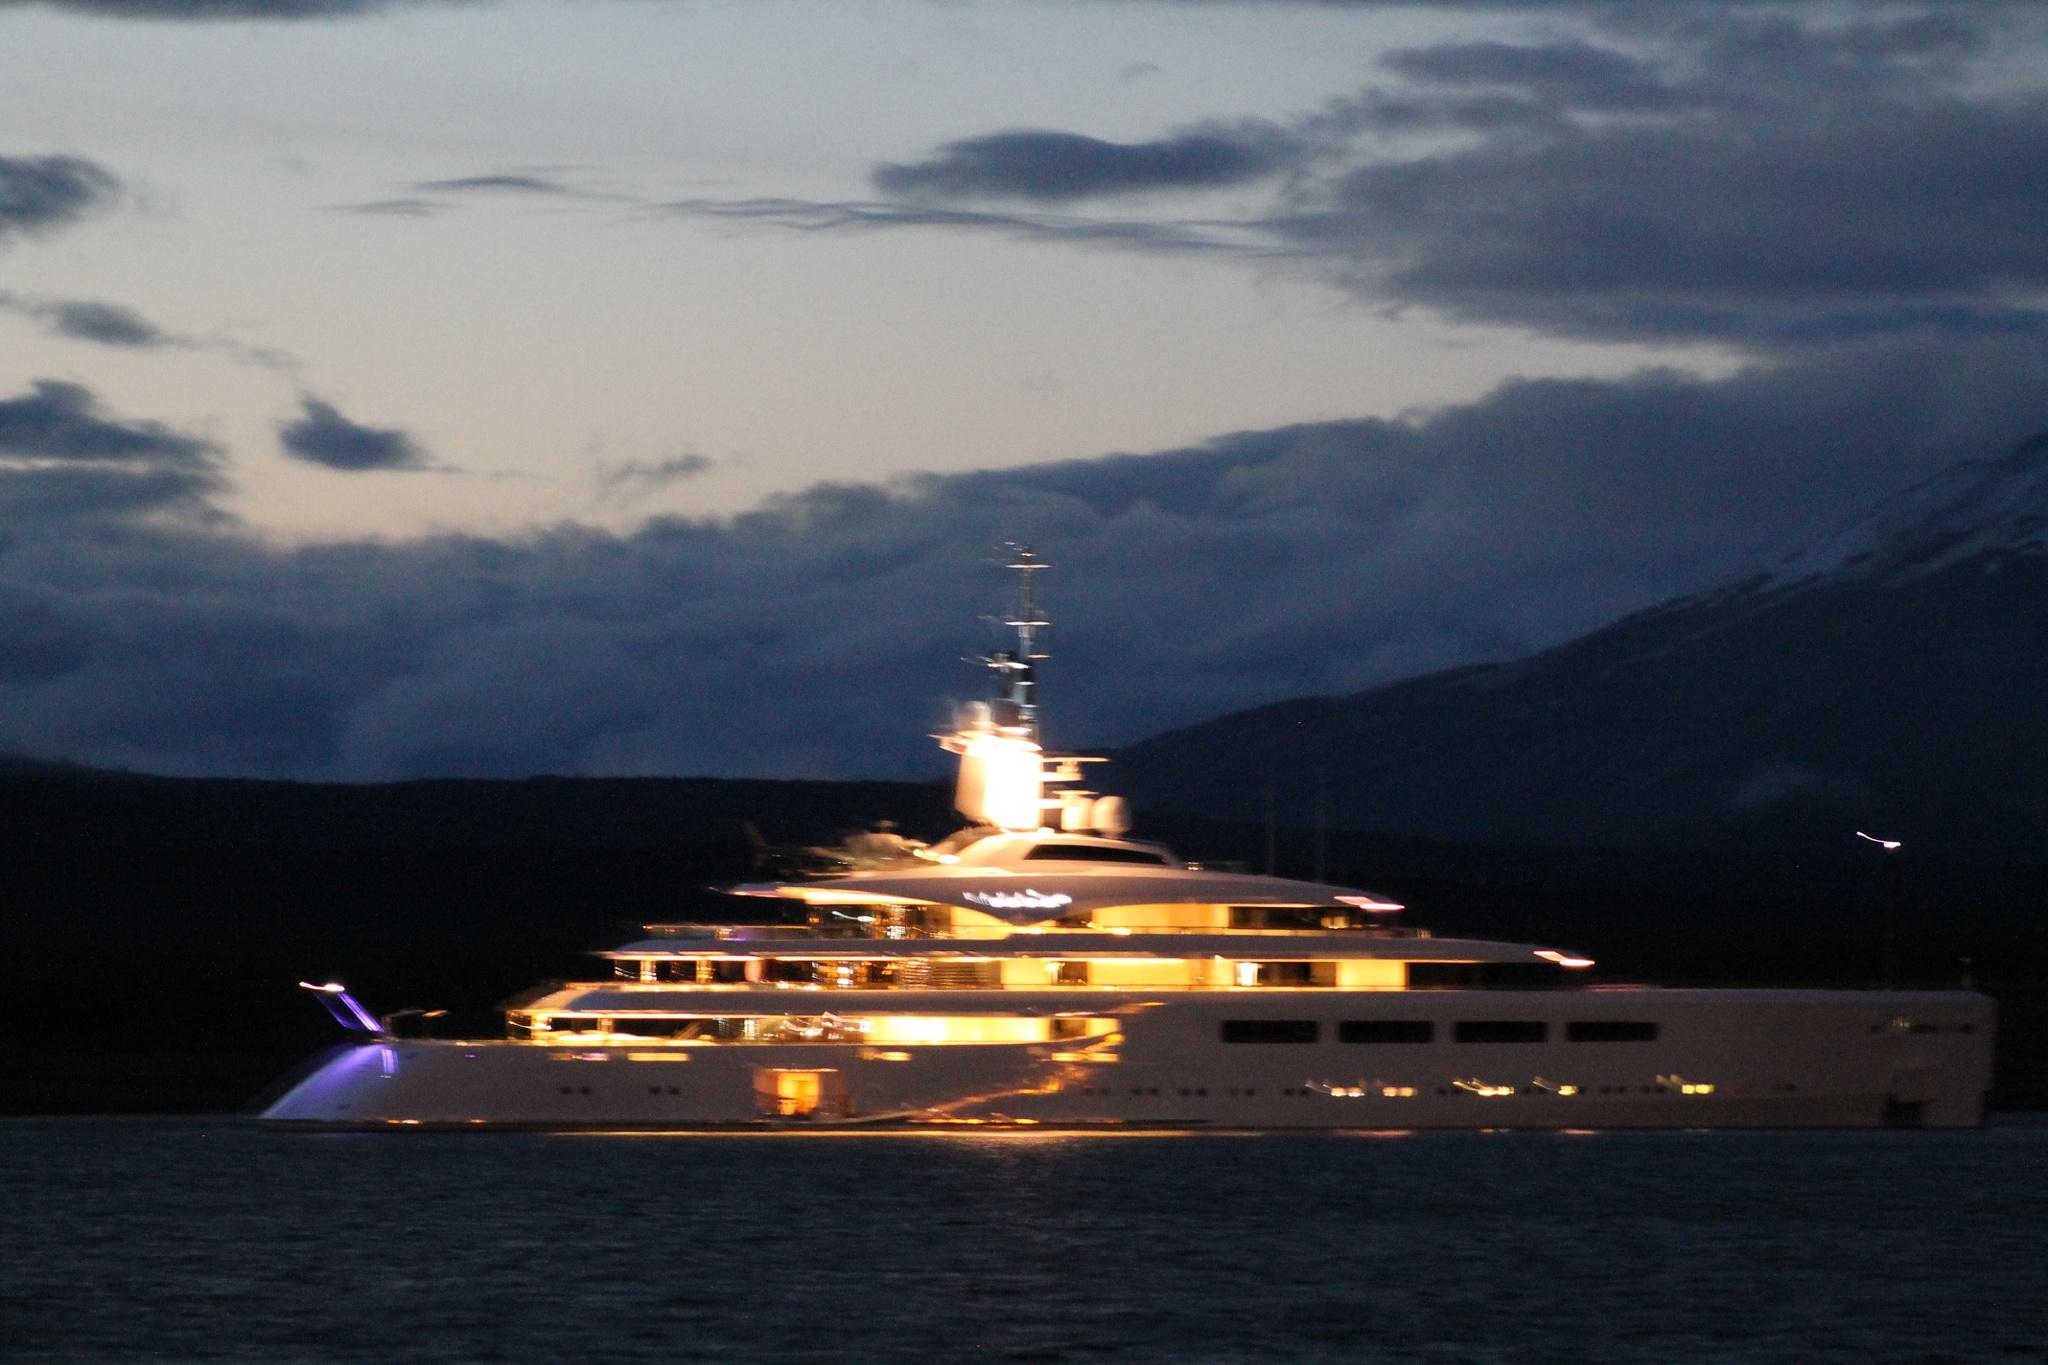 La nave posada  sobre el fiordo  by FabiolaQuinterosZamora